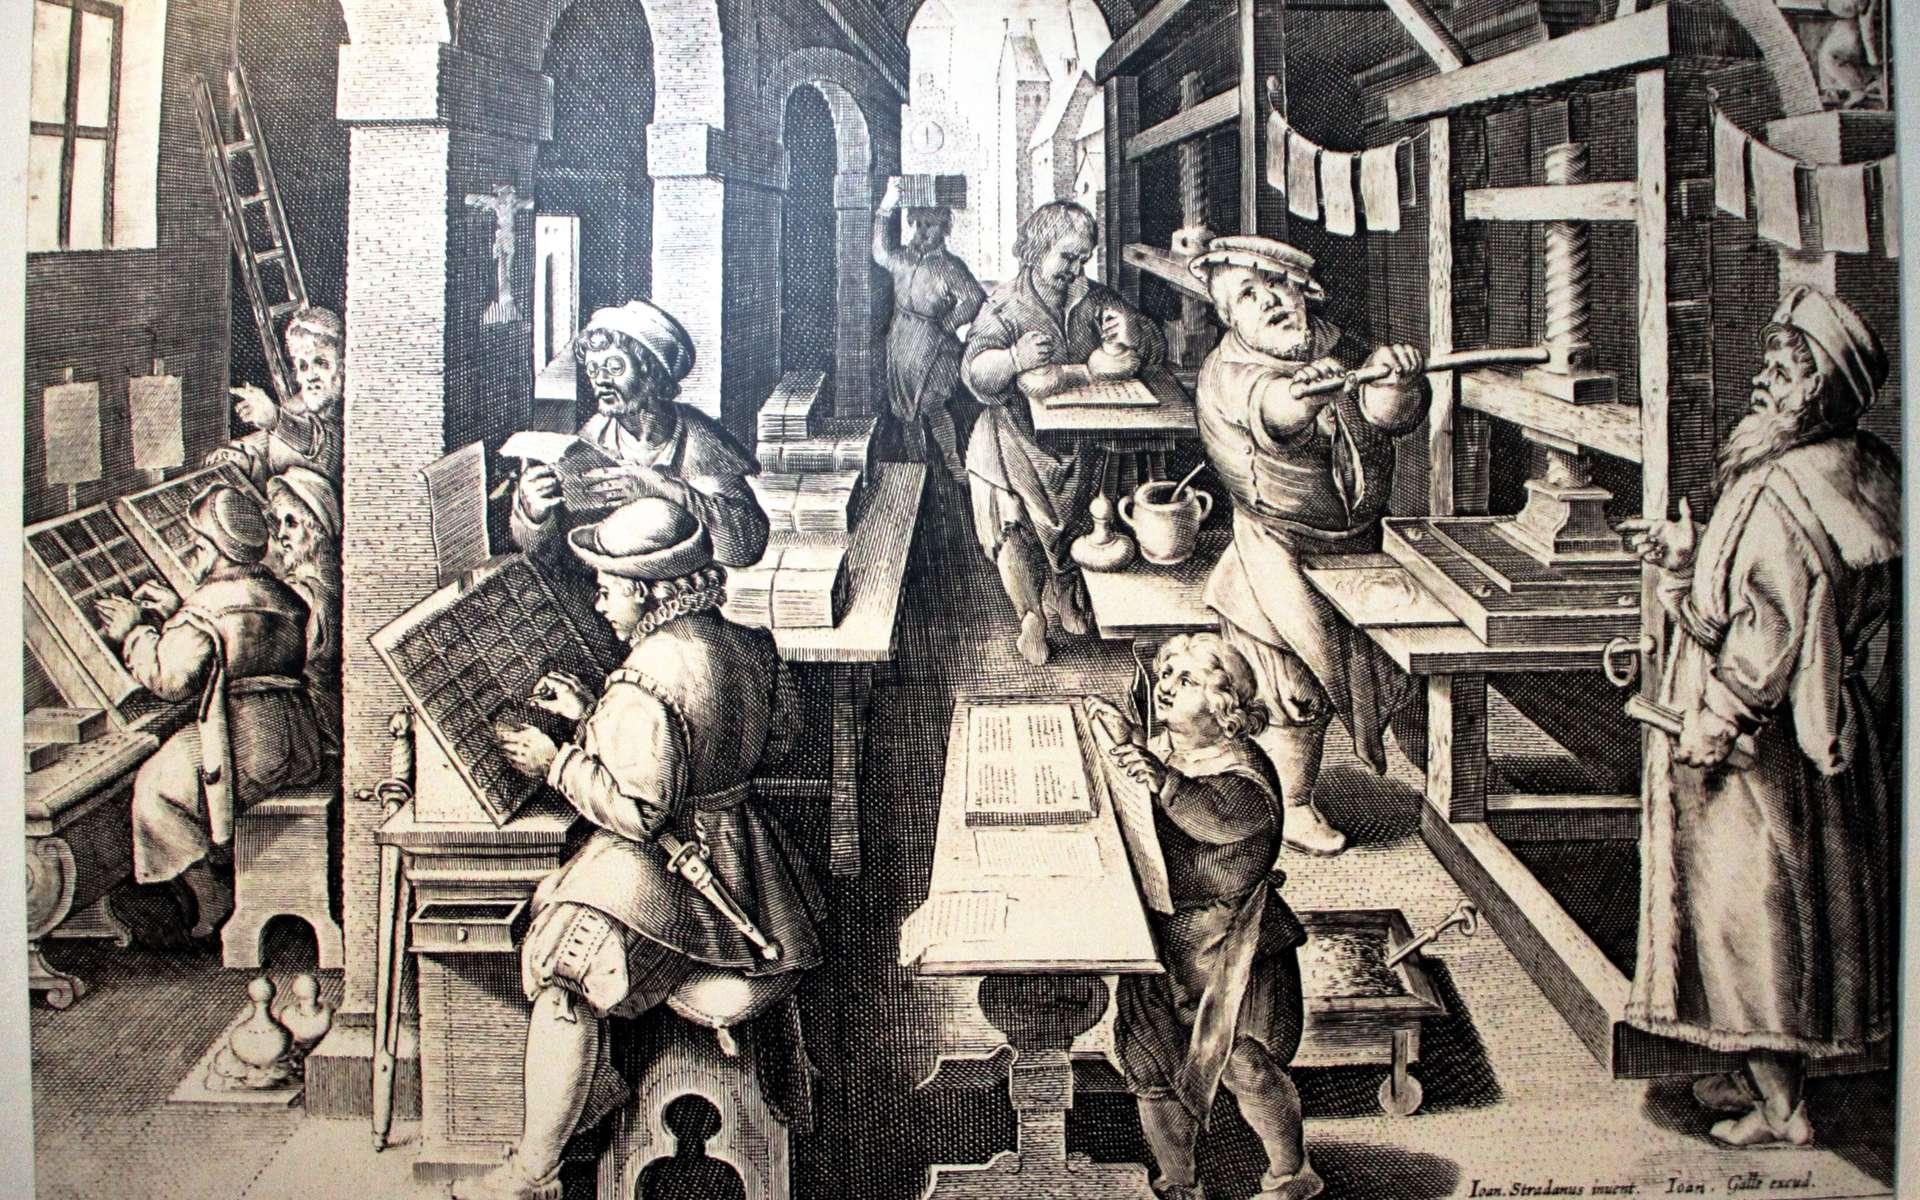 Gravure de Jan van der Straet, peintre flamand (1523-1605) représentant un atelier d'impression au XVIe siècle © Codex, CC by-sa 3.0